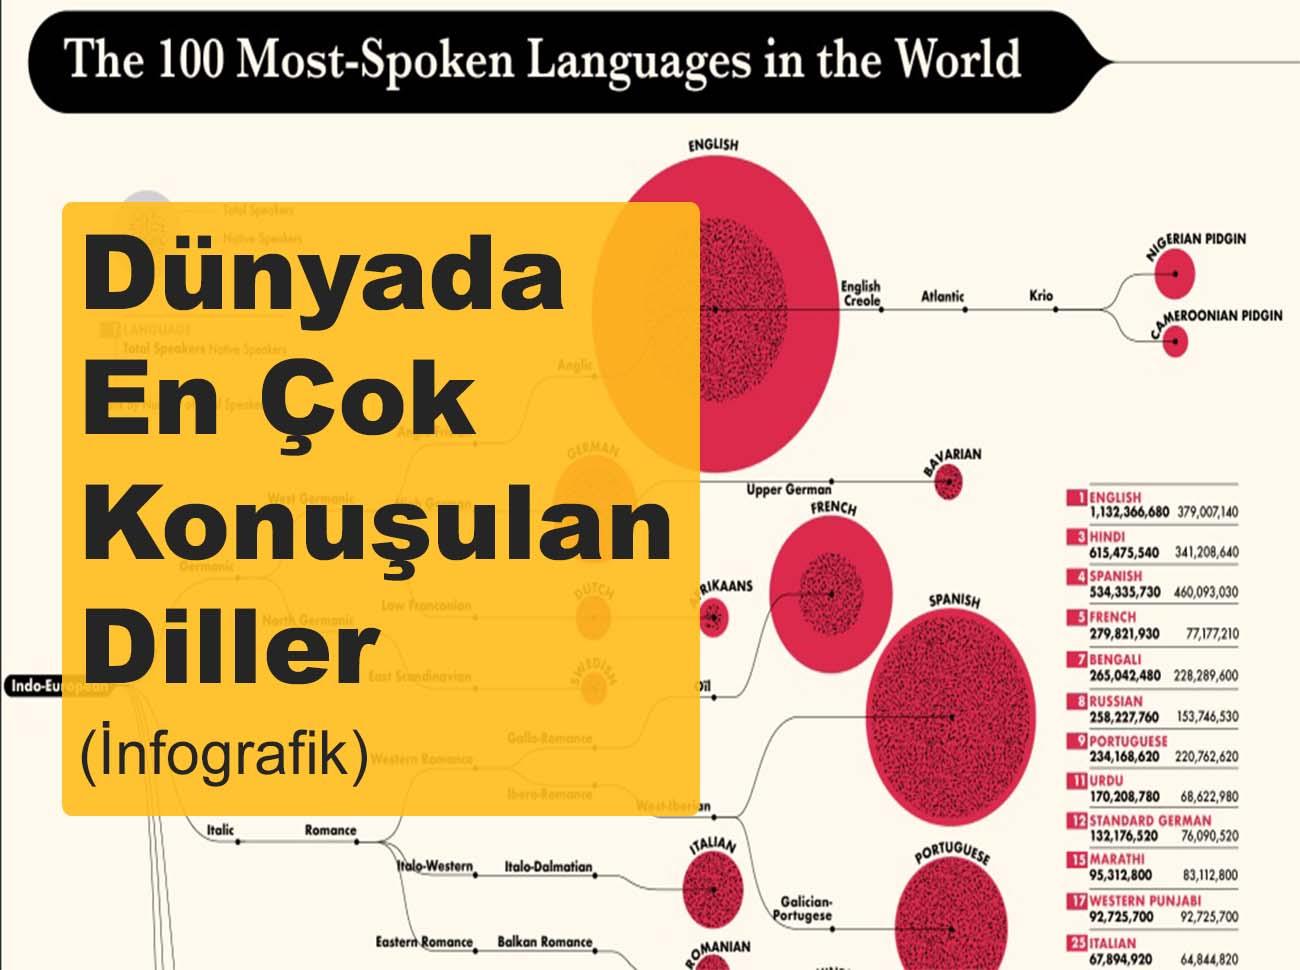 Dünyada En Çok Konuşulan Diller (İnfografik)